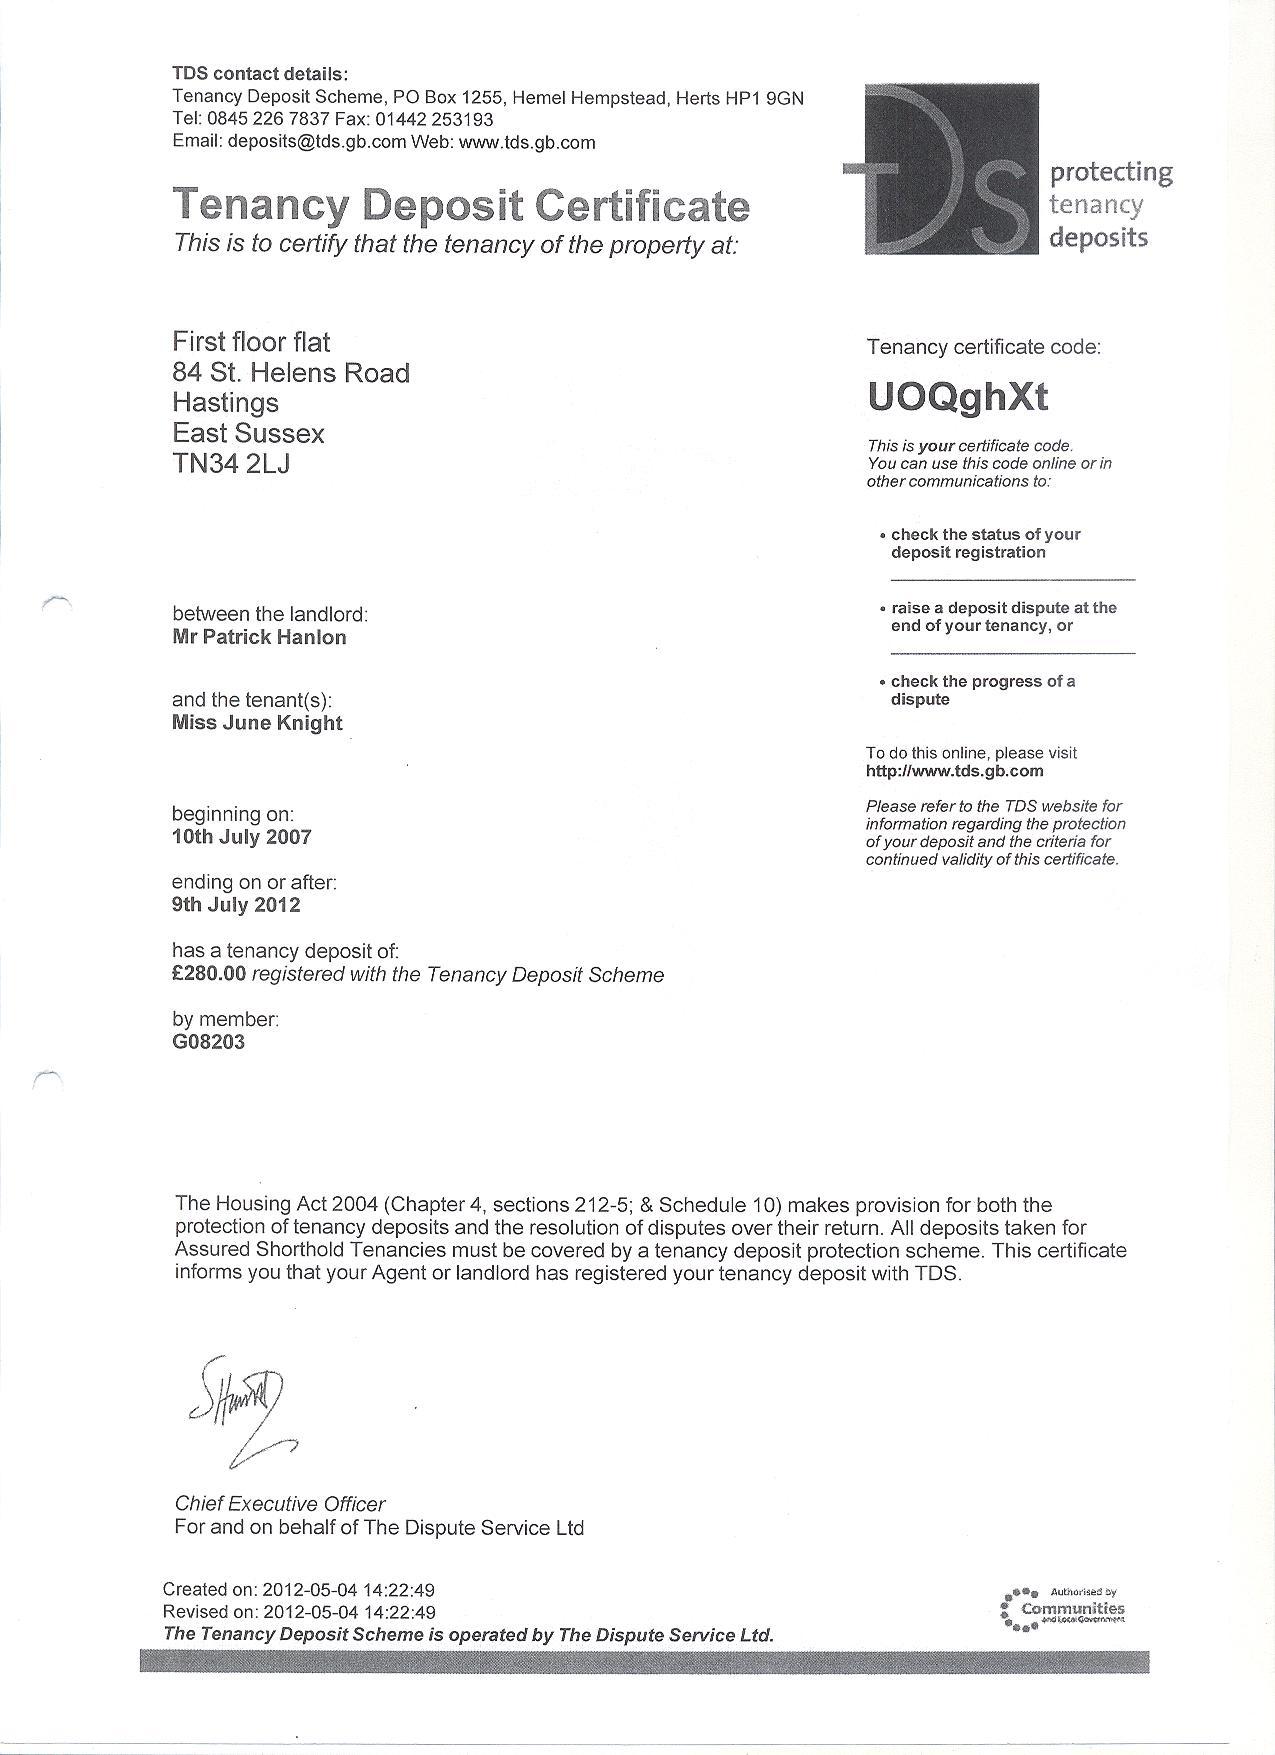 Bad Property Management Sam Hensher Accounts Does Not Register